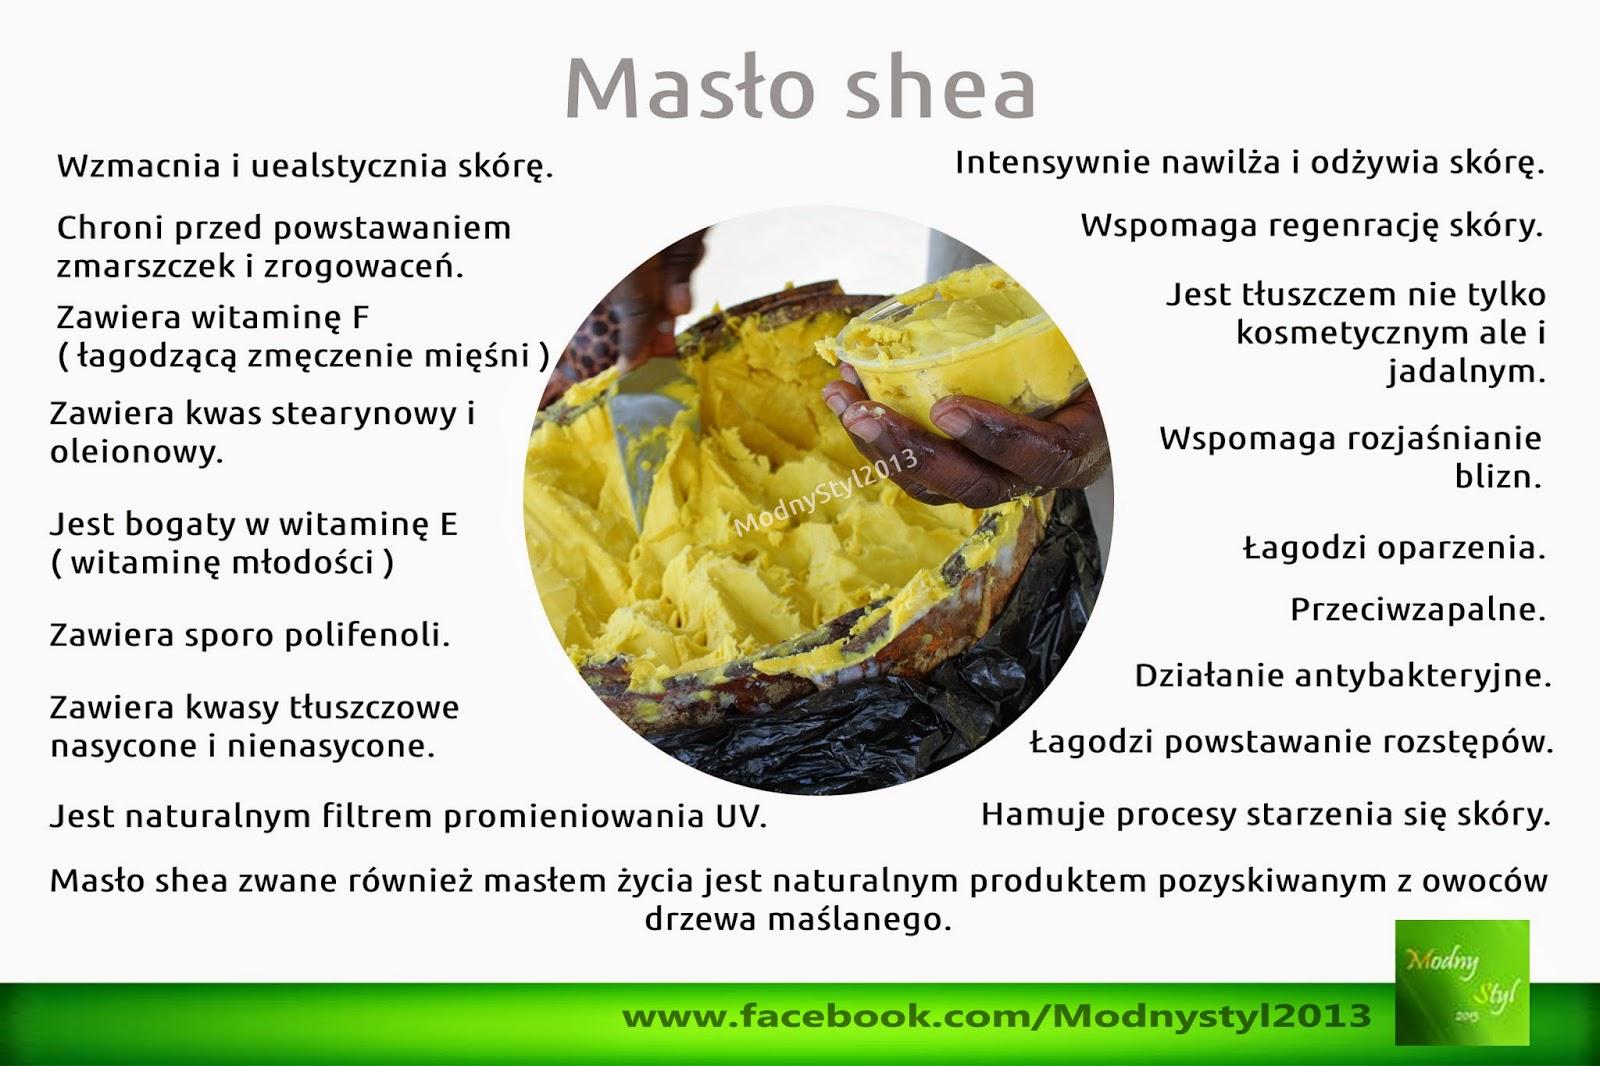 Afrykańskie masło shea